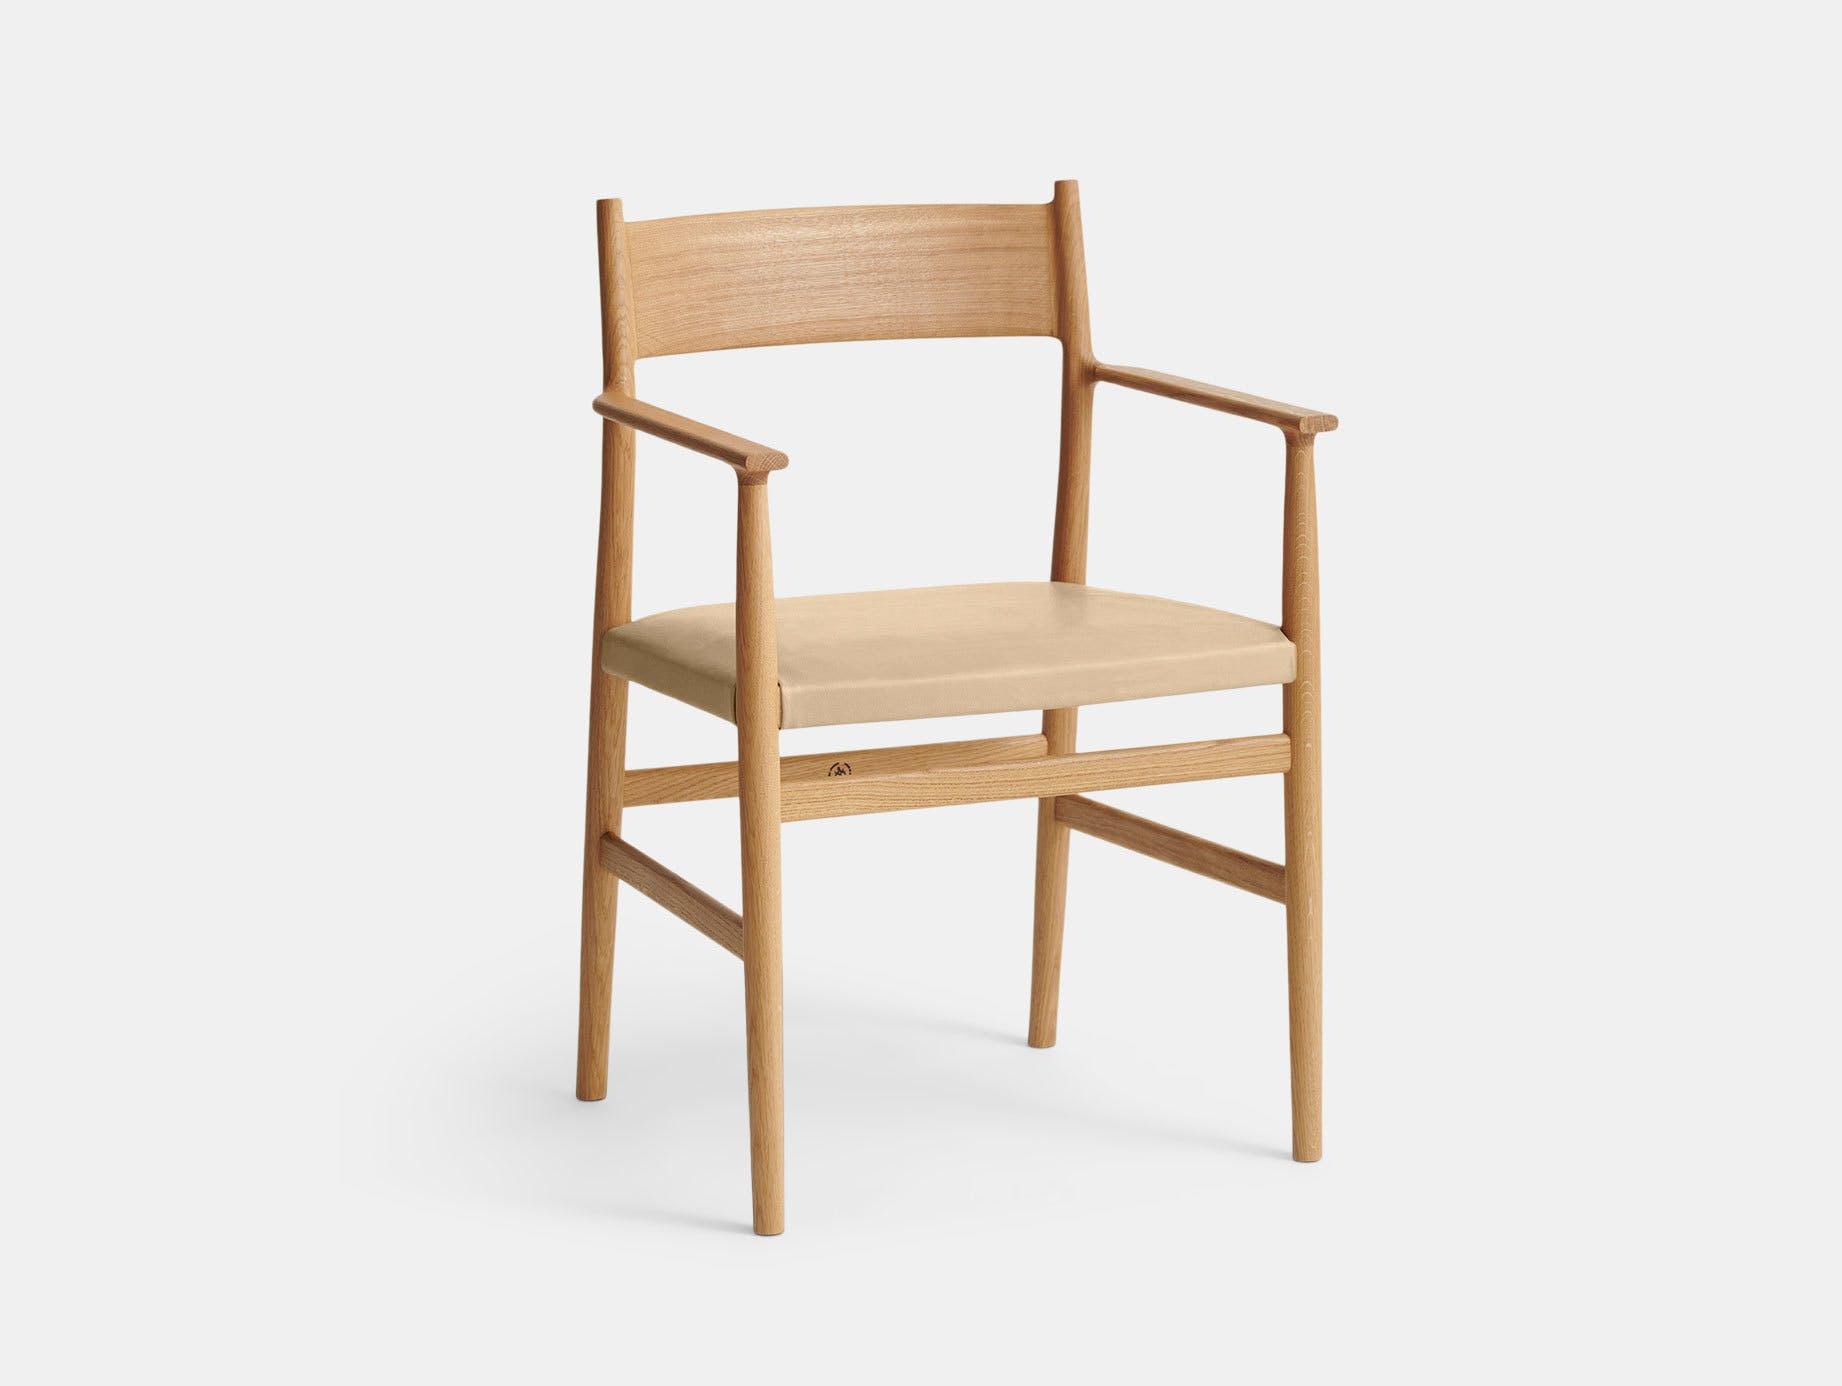 Brdr Kruger ARV Armchair Upholstered Oak Savanne Nature Studio David Thulstrup